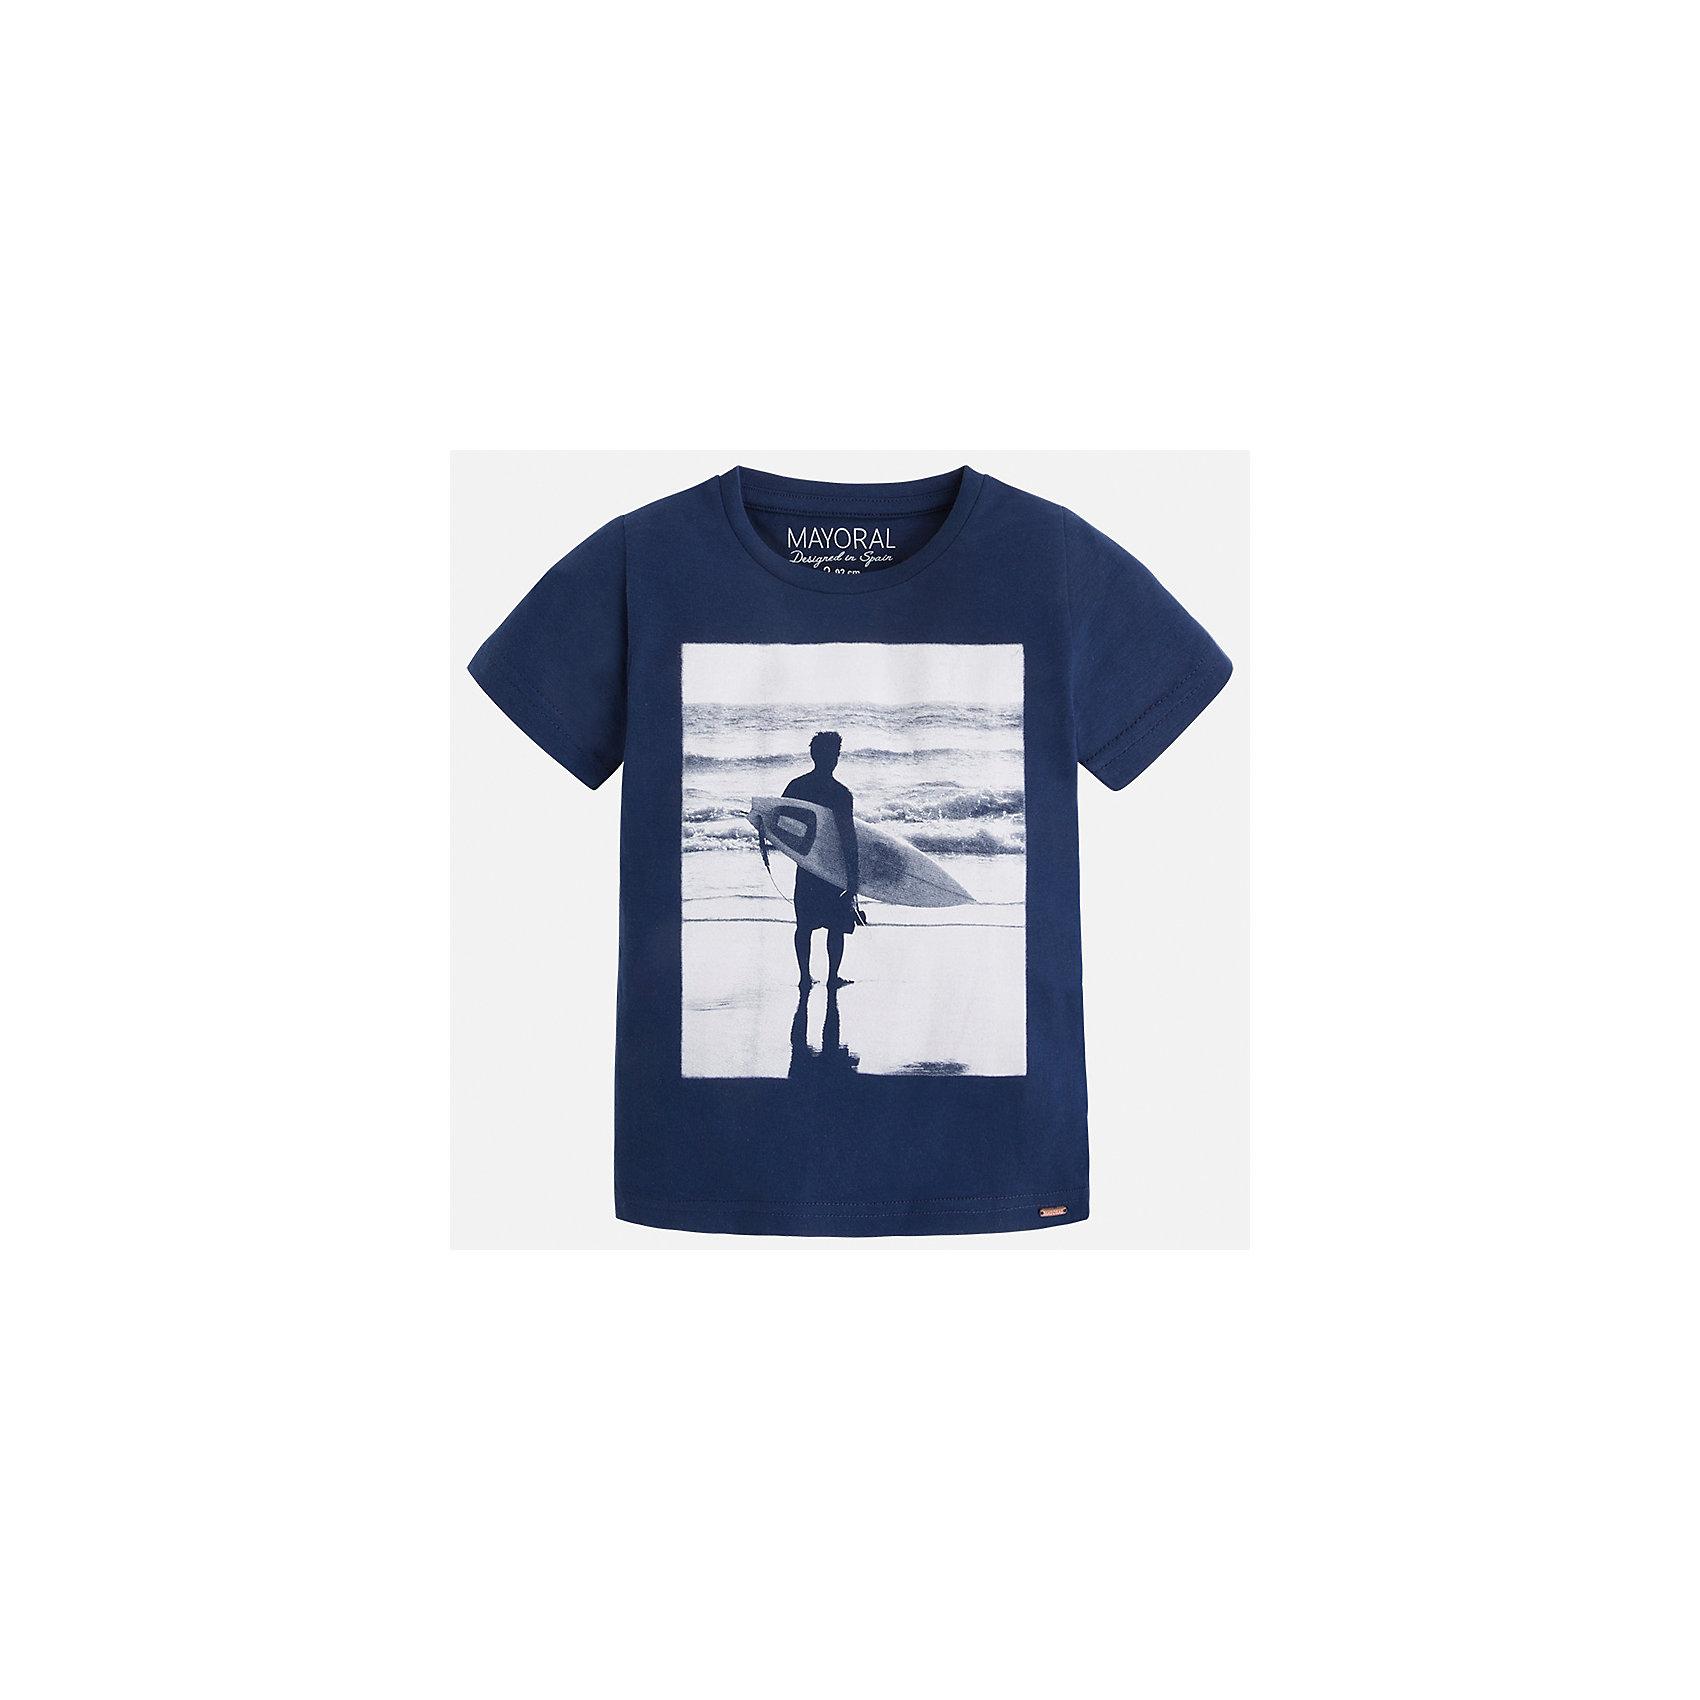 Футболка для мальчика MayoralЛови волну<br>Характеристики товара:<br><br>• цвет: синий<br>• состав: 100% хлопок<br>• круглый горловой вырез<br>• декорирована принтом<br>• короткие рукава<br>• отделка горловины<br>• страна бренда: Испания<br><br>Стильная удобная футболка с принтом поможет разнообразить гардероб мальчика. Она отлично сочетается с брюками, шортами, джинсами. Универсальный крой и цвет позволяет подобрать к вещи низ разных расцветок. Практичное и стильное изделие! Хорошо смотрится и комфортно сидит на детях. В составе материала - только натуральный хлопок, гипоаллергенный, приятный на ощупь, дышащий. <br><br>Одежда, обувь и аксессуары от испанского бренда Mayoral полюбились детям и взрослым по всему миру. Модели этой марки - стильные и удобные. Для их производства используются только безопасные, качественные материалы и фурнитура. Порадуйте ребенка модными и красивыми вещами от Mayoral! <br><br>Футболку для мальчика от испанского бренда Mayoral (Майорал) можно купить в нашем интернет-магазине.<br><br>Ширина мм: 199<br>Глубина мм: 10<br>Высота мм: 161<br>Вес г: 151<br>Цвет: синий<br>Возраст от месяцев: 18<br>Возраст до месяцев: 24<br>Пол: Мужской<br>Возраст: Детский<br>Размер: 92,134,128,122,116,110,104,98<br>SKU: 5279972